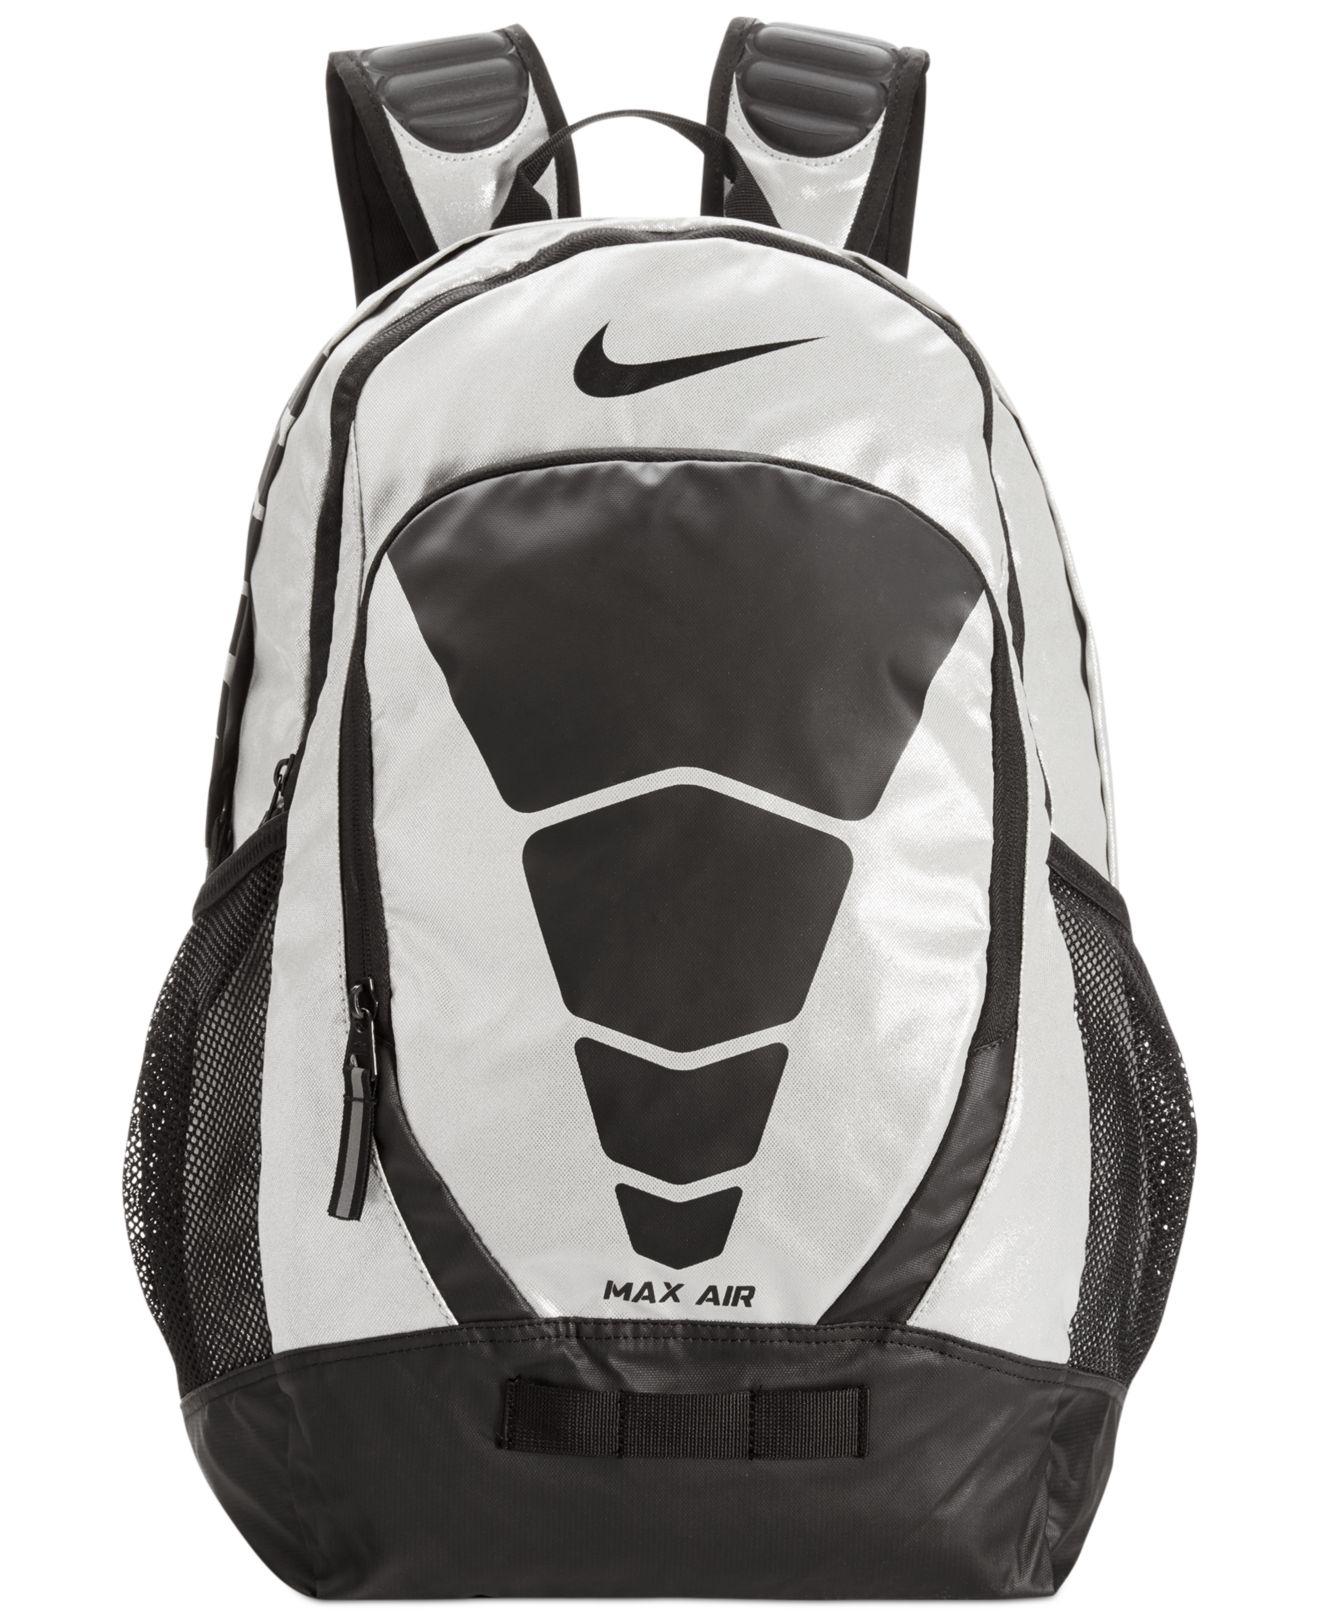 Backpack max air nike grey fotos